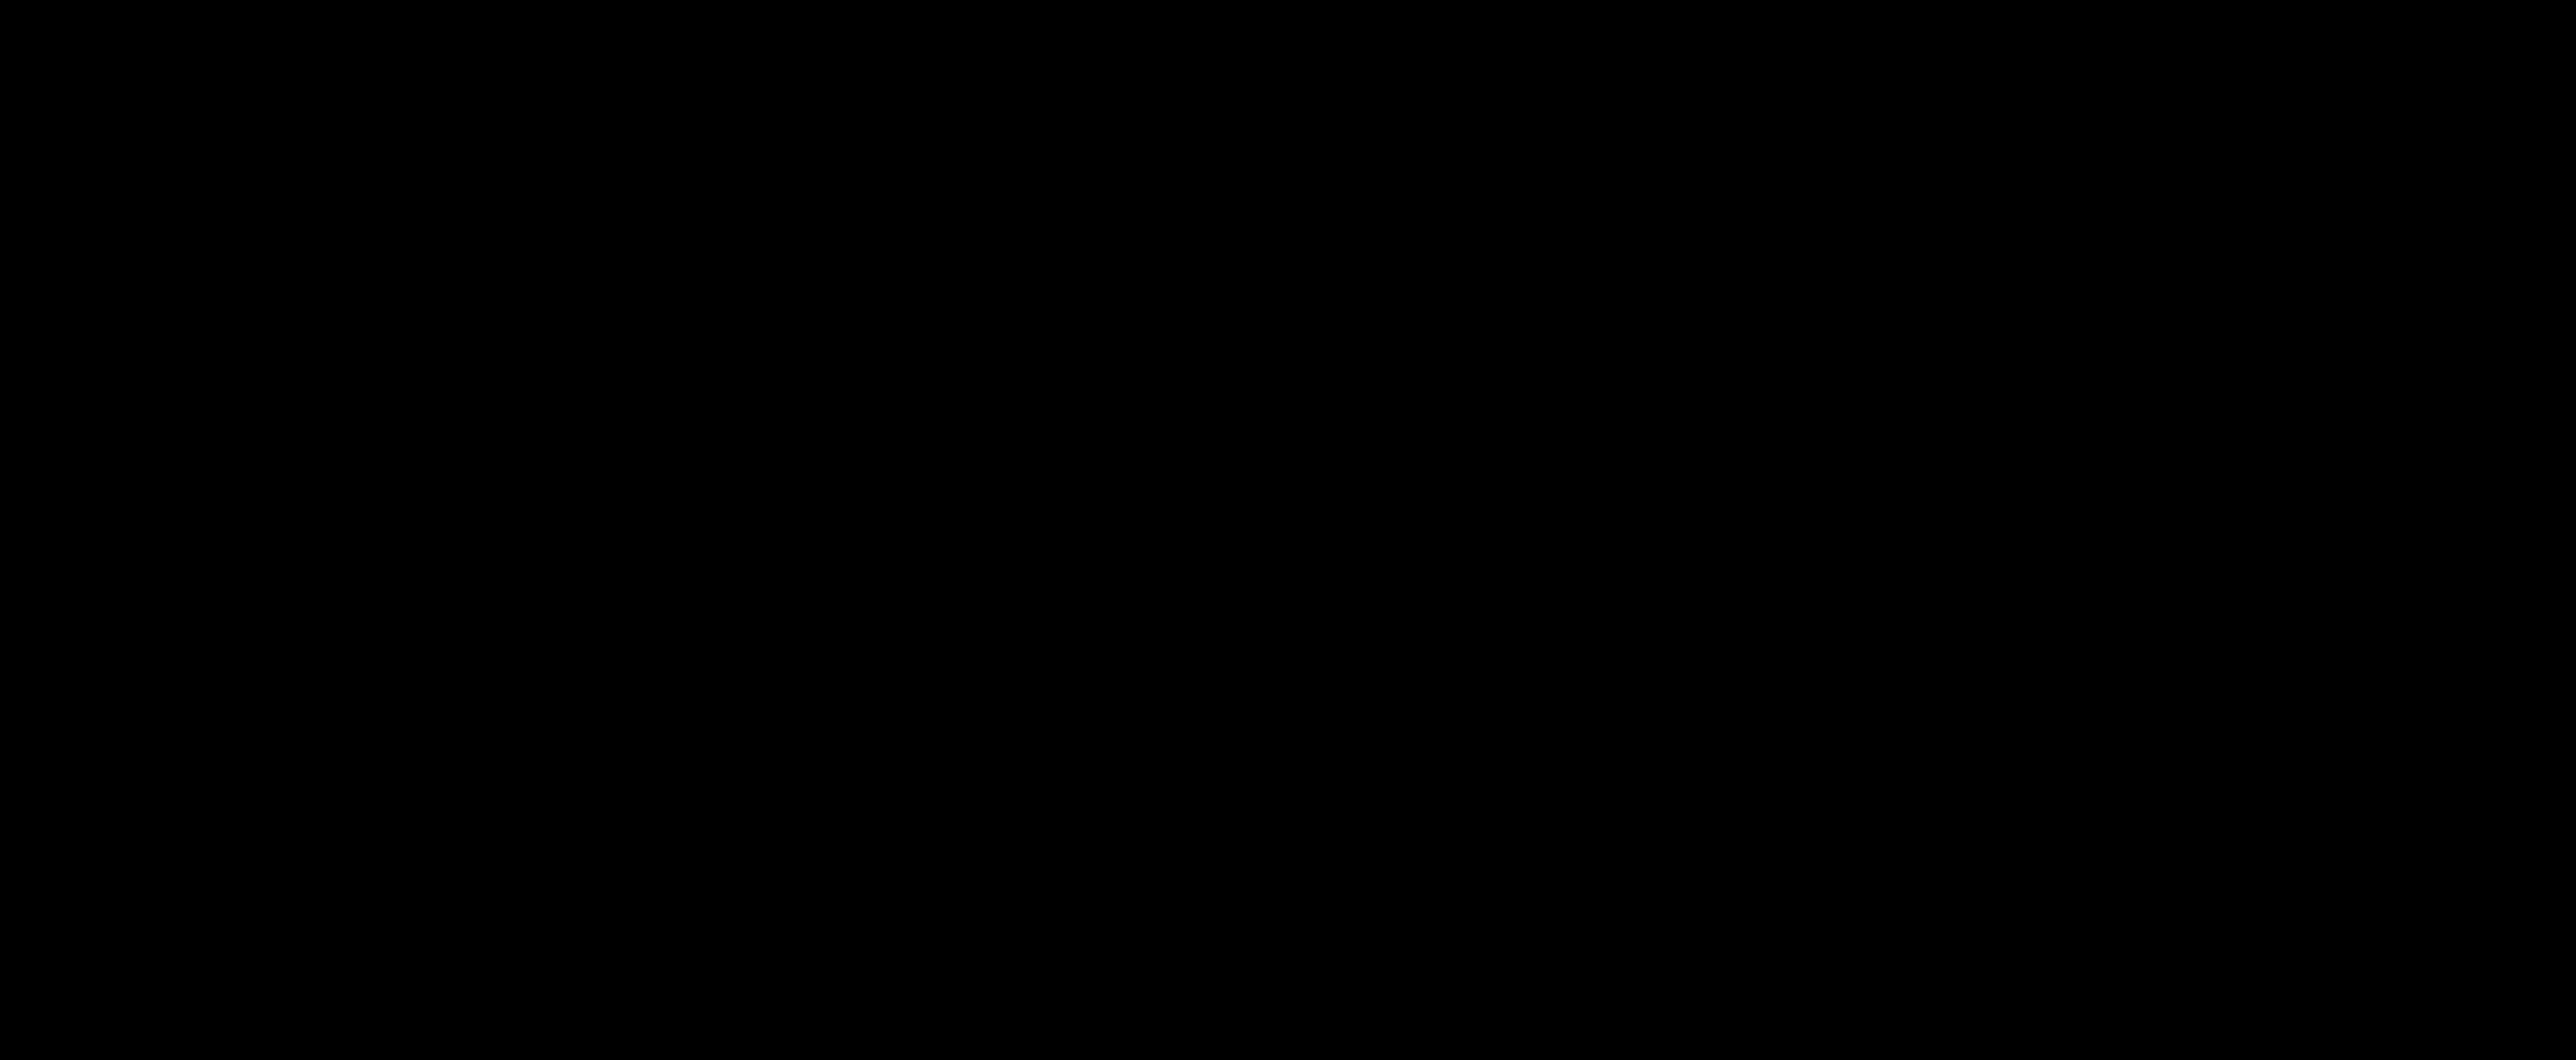 ATA-BEY Mühendislik